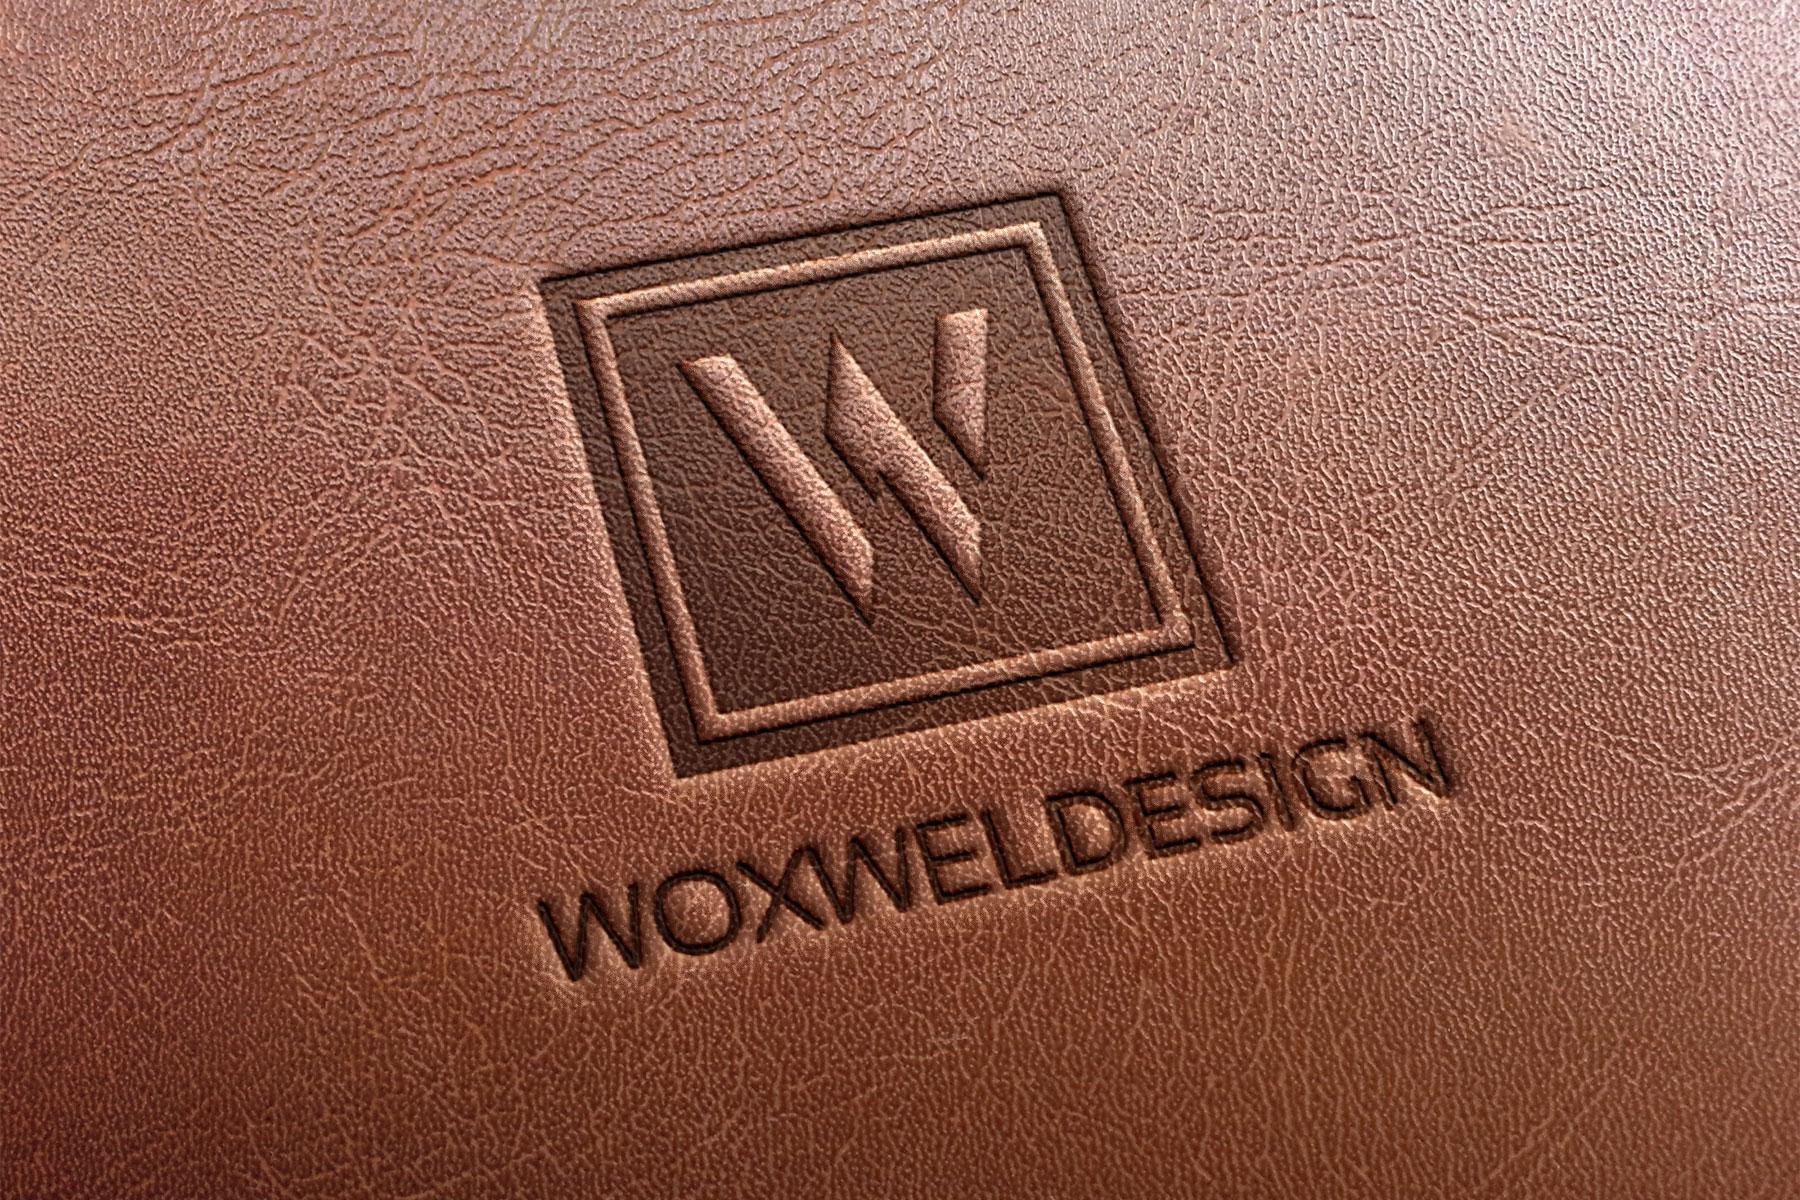 Логотип Woxwel Design - тиснение на коже